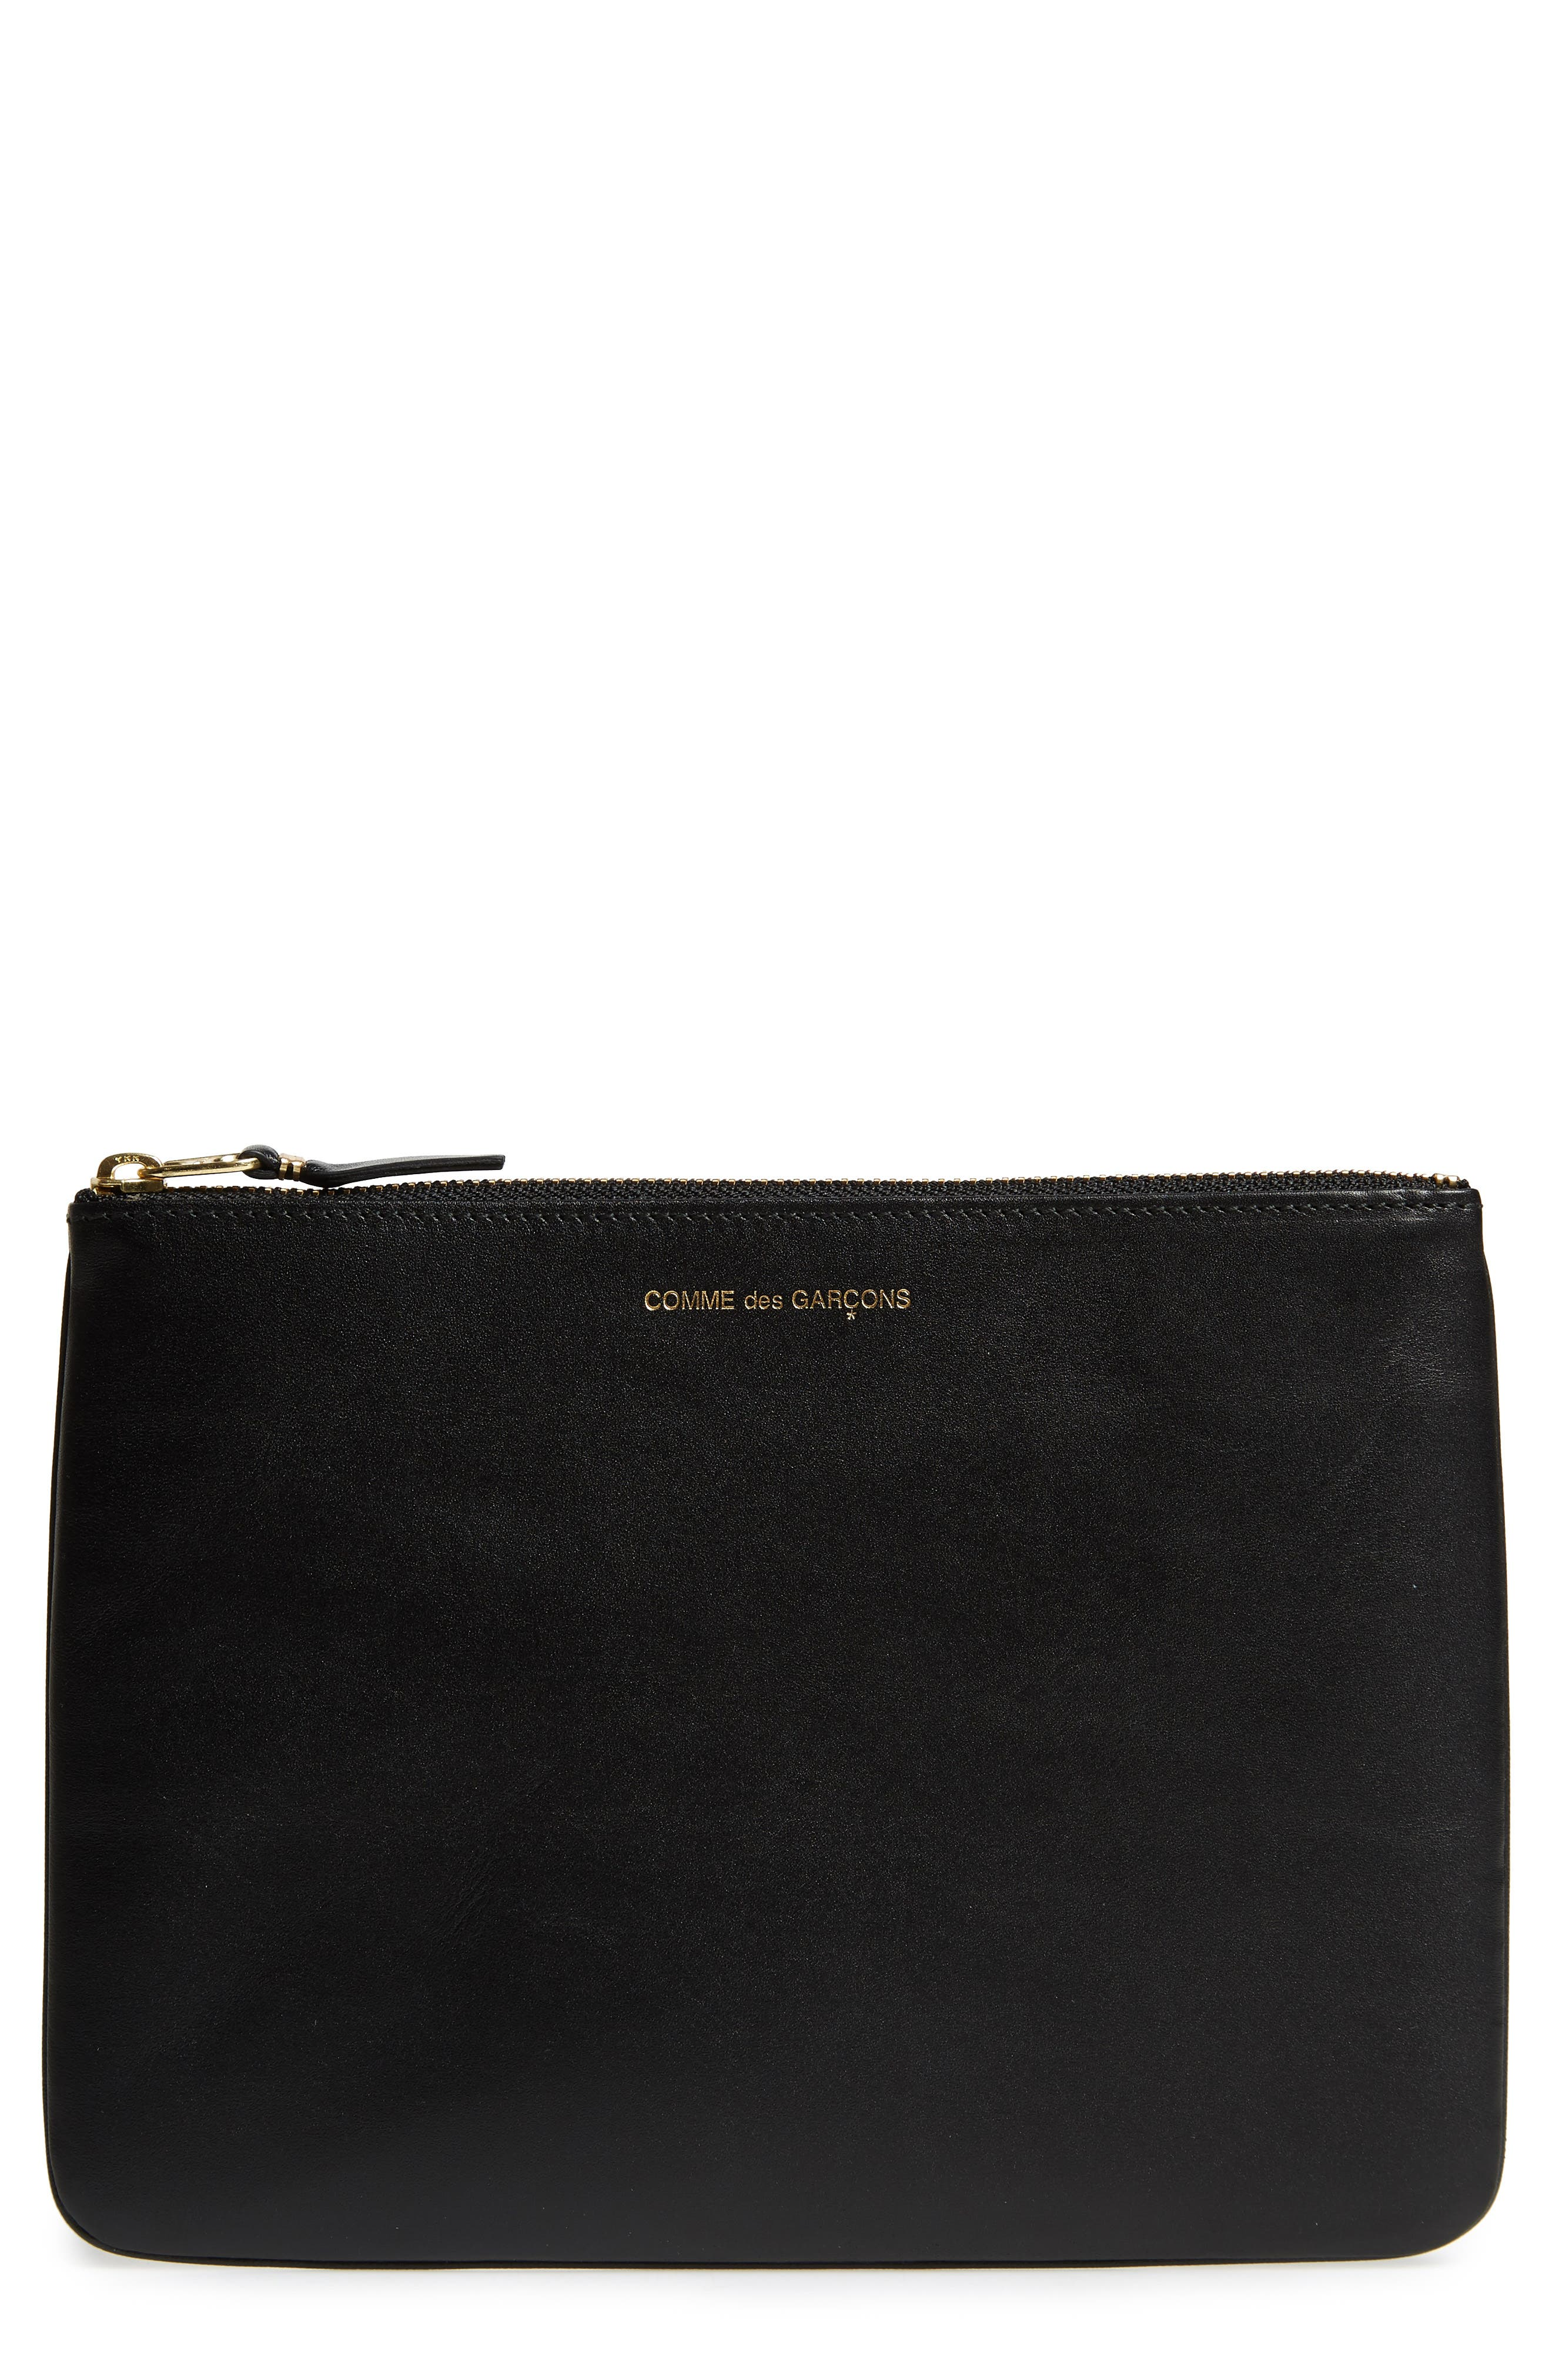 COMME DES GARÇONS Classic Leather Line Pouch, Main, color, 001